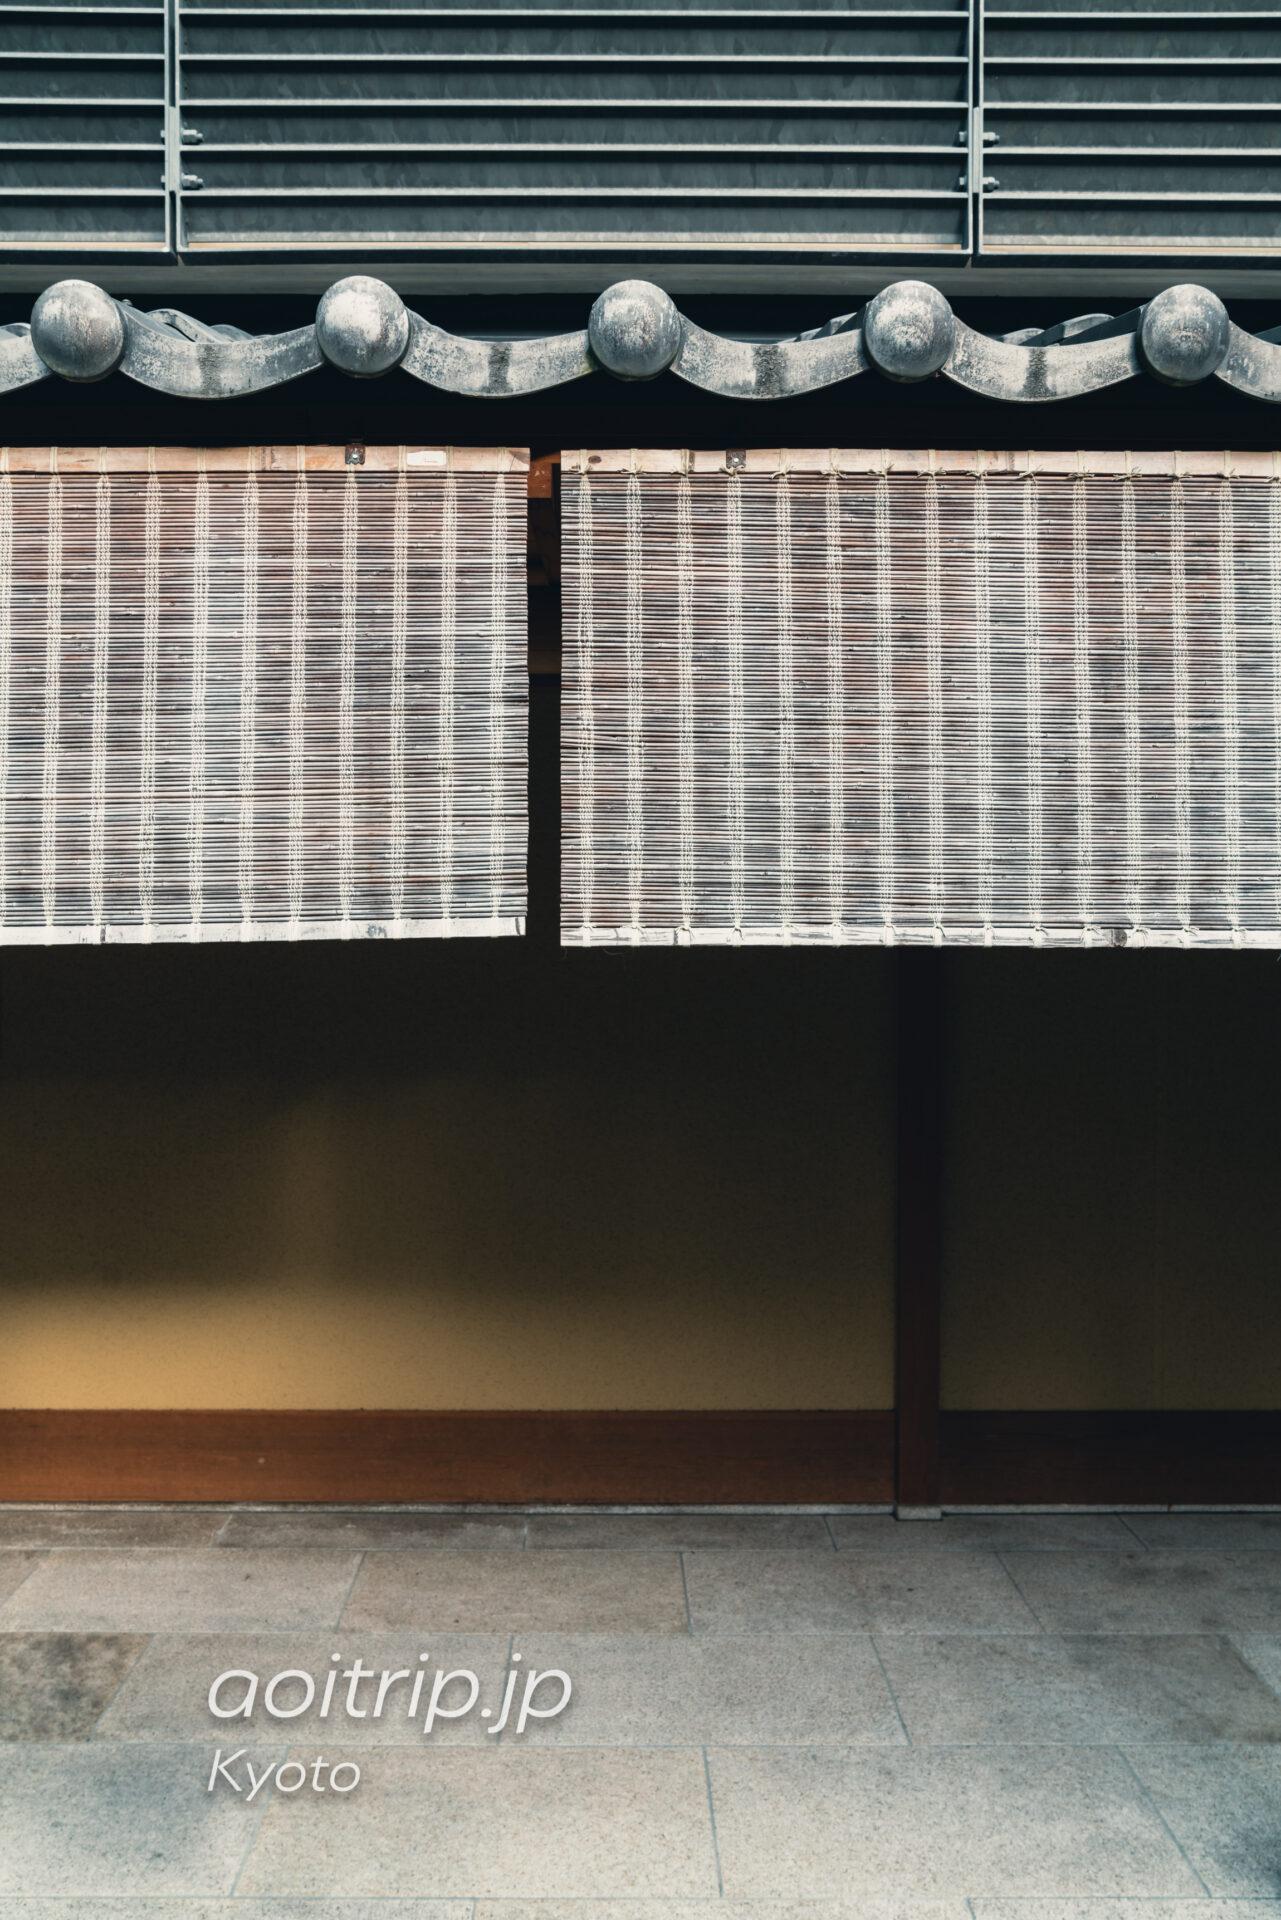 翠嵐ラグジュアリーコレクション京都